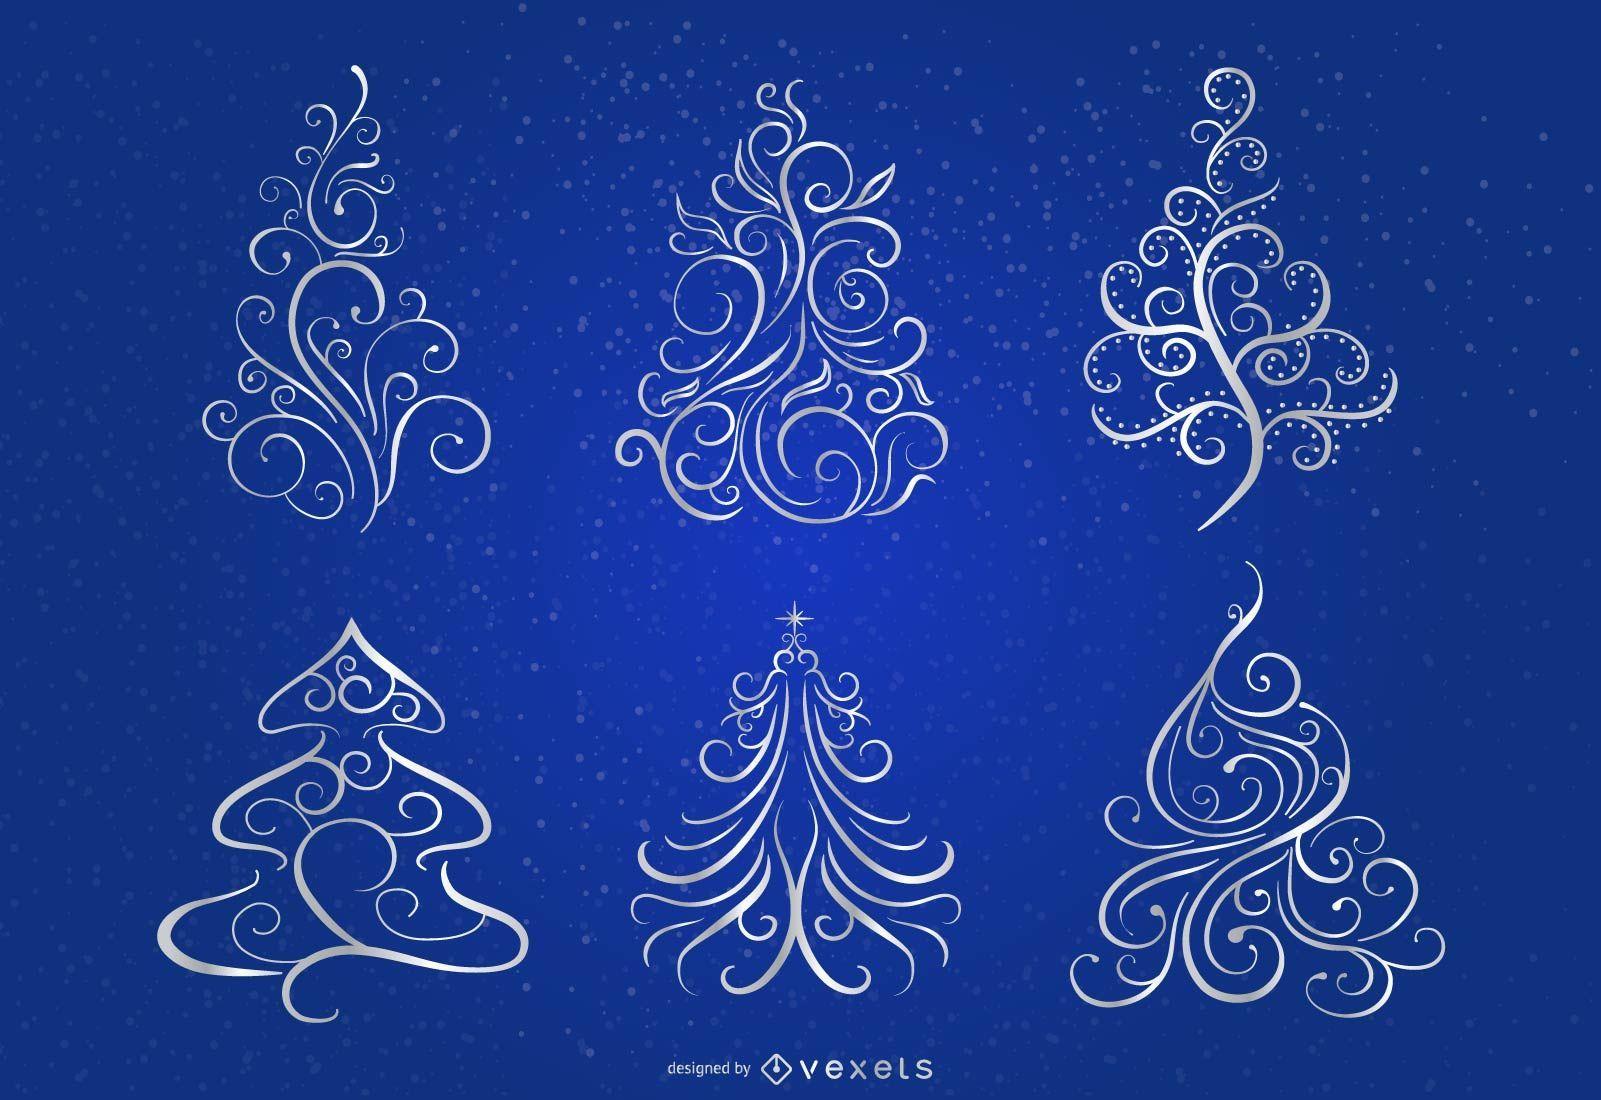 Remolinos florales 6 árboles de Navidad sobre fondo azul.